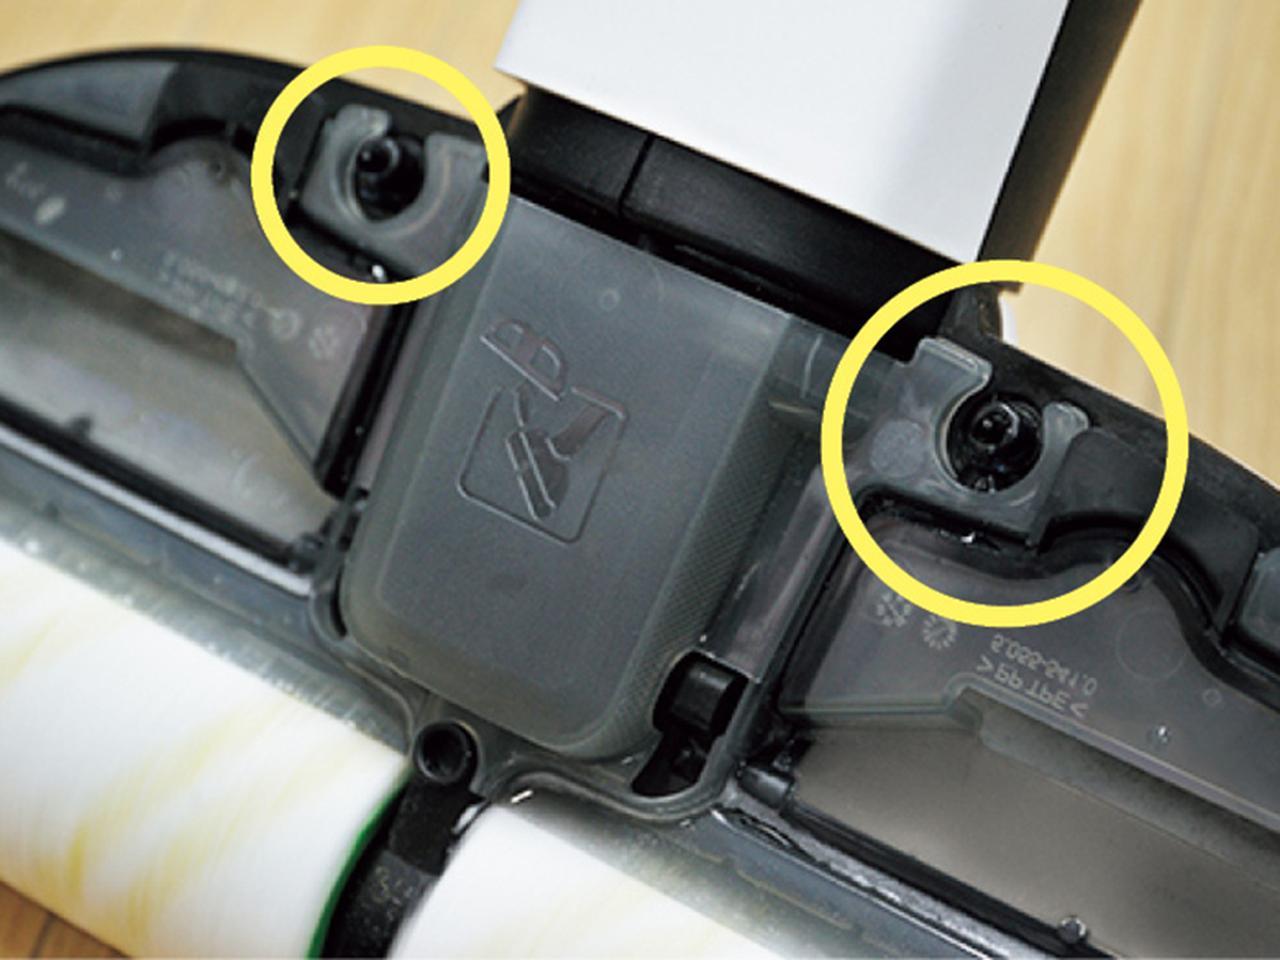 画像5: ケルヒャーの水拭き掃除機「FC 3d」を使ってみた!汚れを広げない水拭き掃除ができる